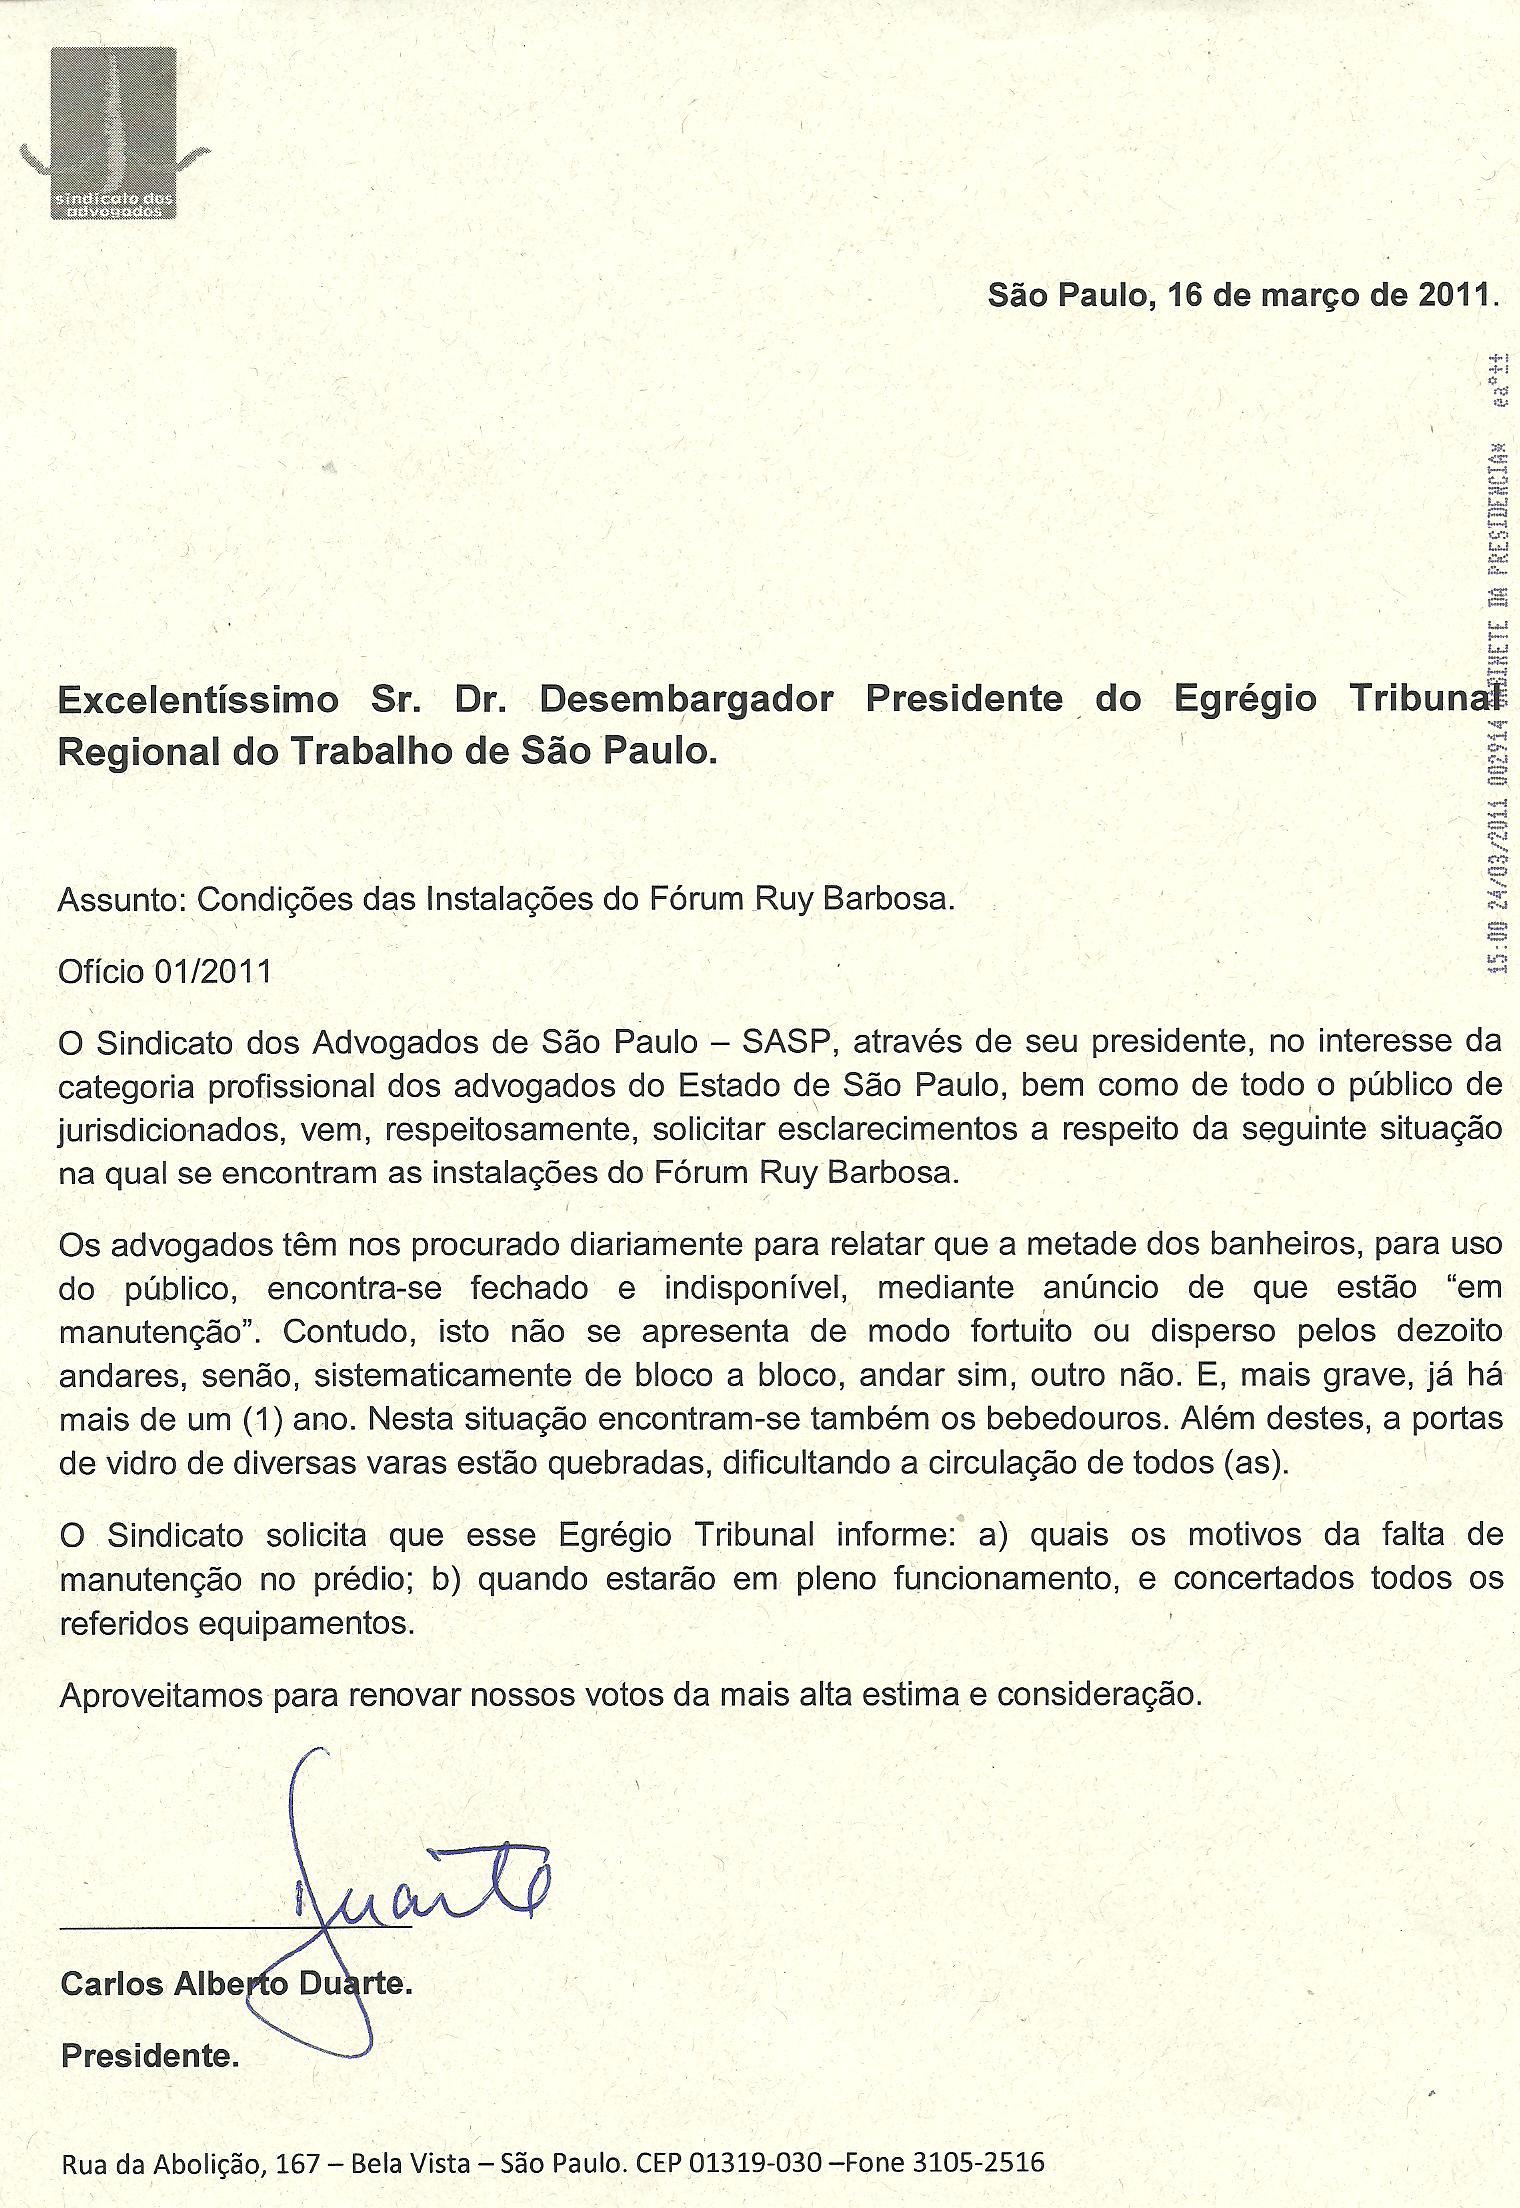 SASP Cobra Melhores Condições nas Instalações no Fórum Ruy Barbosa